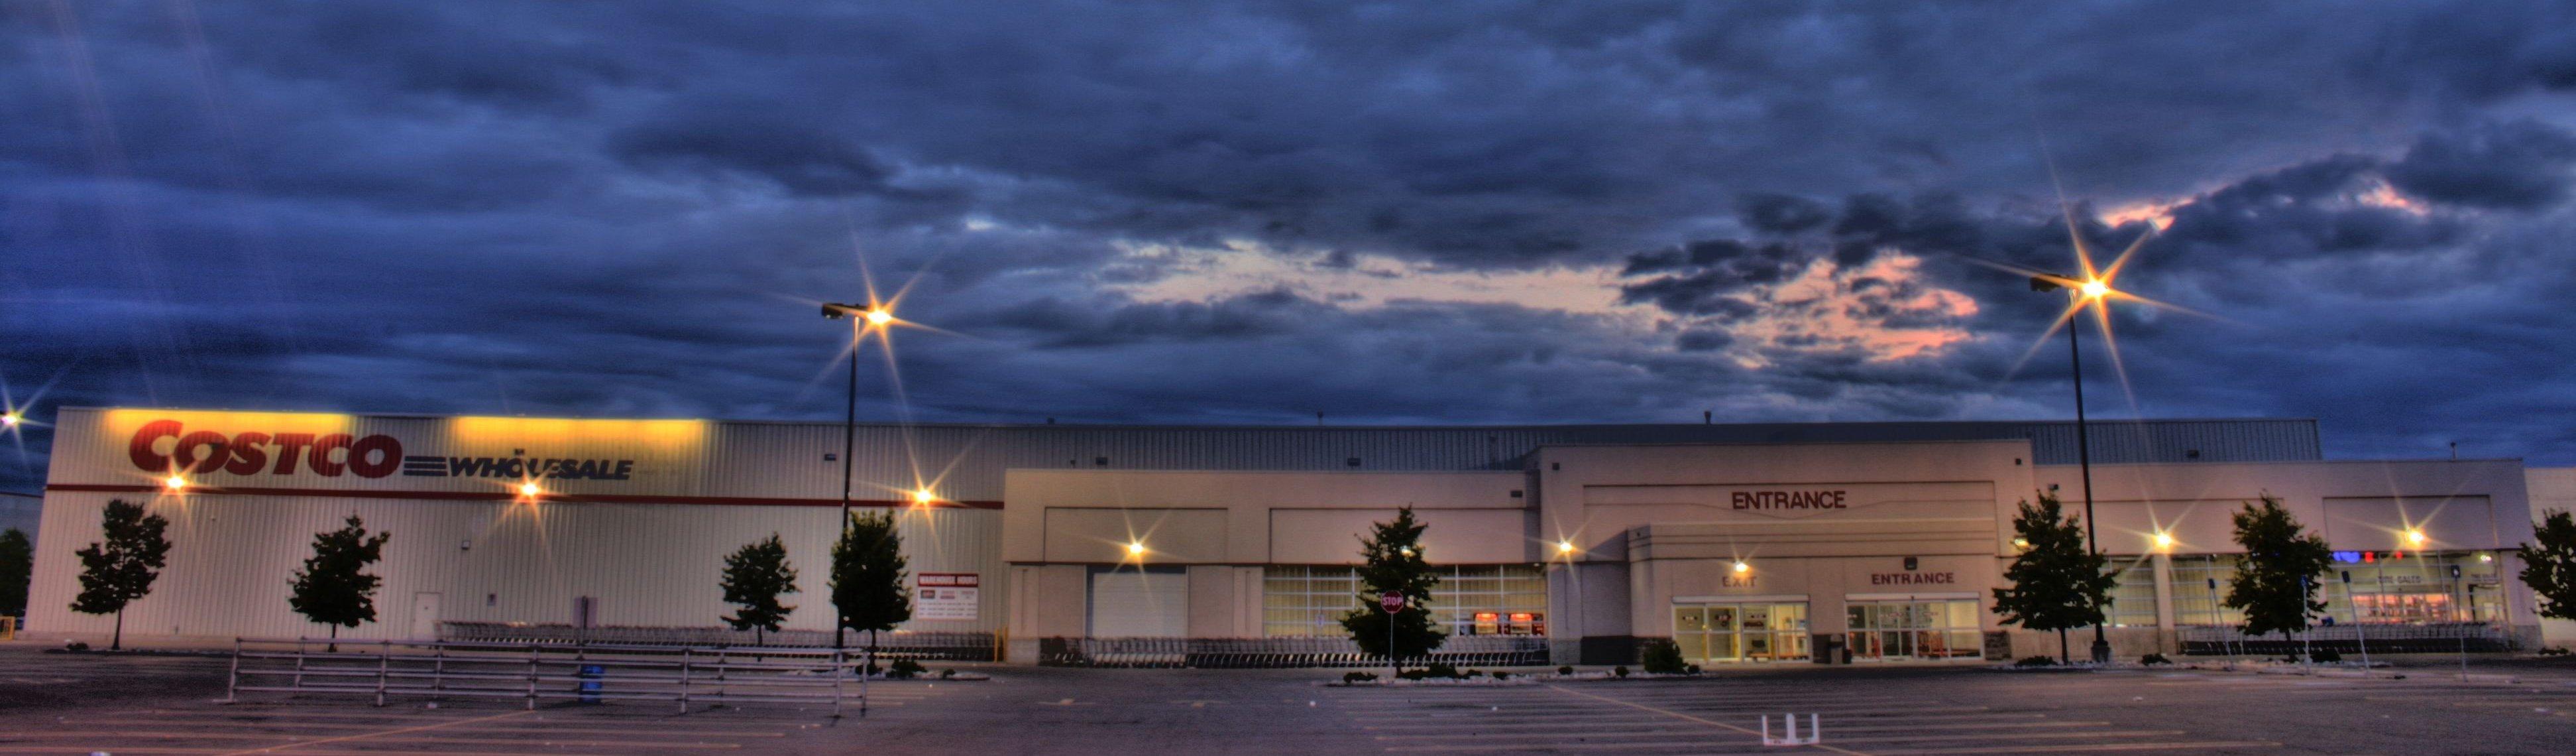 File:Costco Edmonton Alberta Canada 01A.jpg - Wikimedia Commons